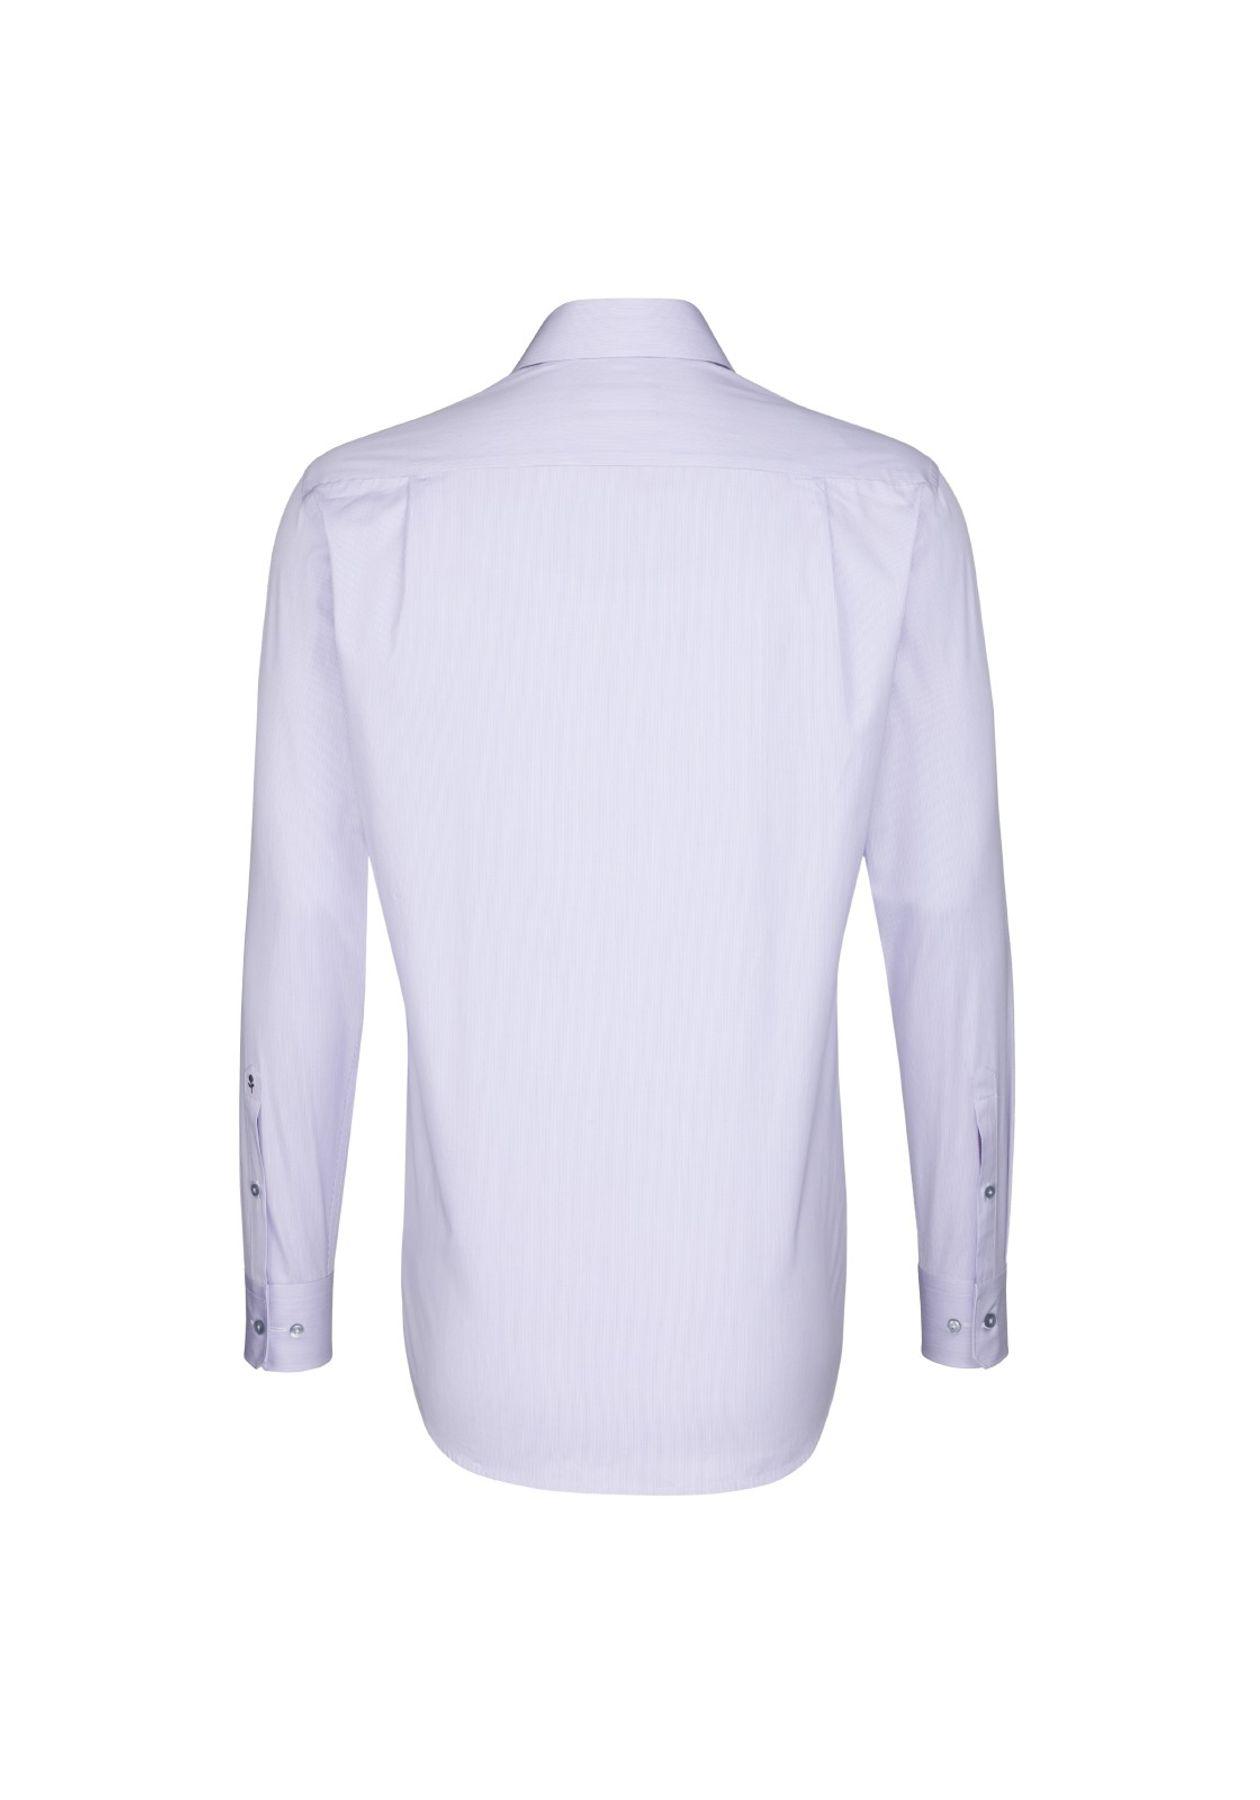 Seidensticker - Herren Hemd, Bügelfrei, Modern, Schwarze Rose, gestreift mit Kent Kragen (01.112296) – Bild 6